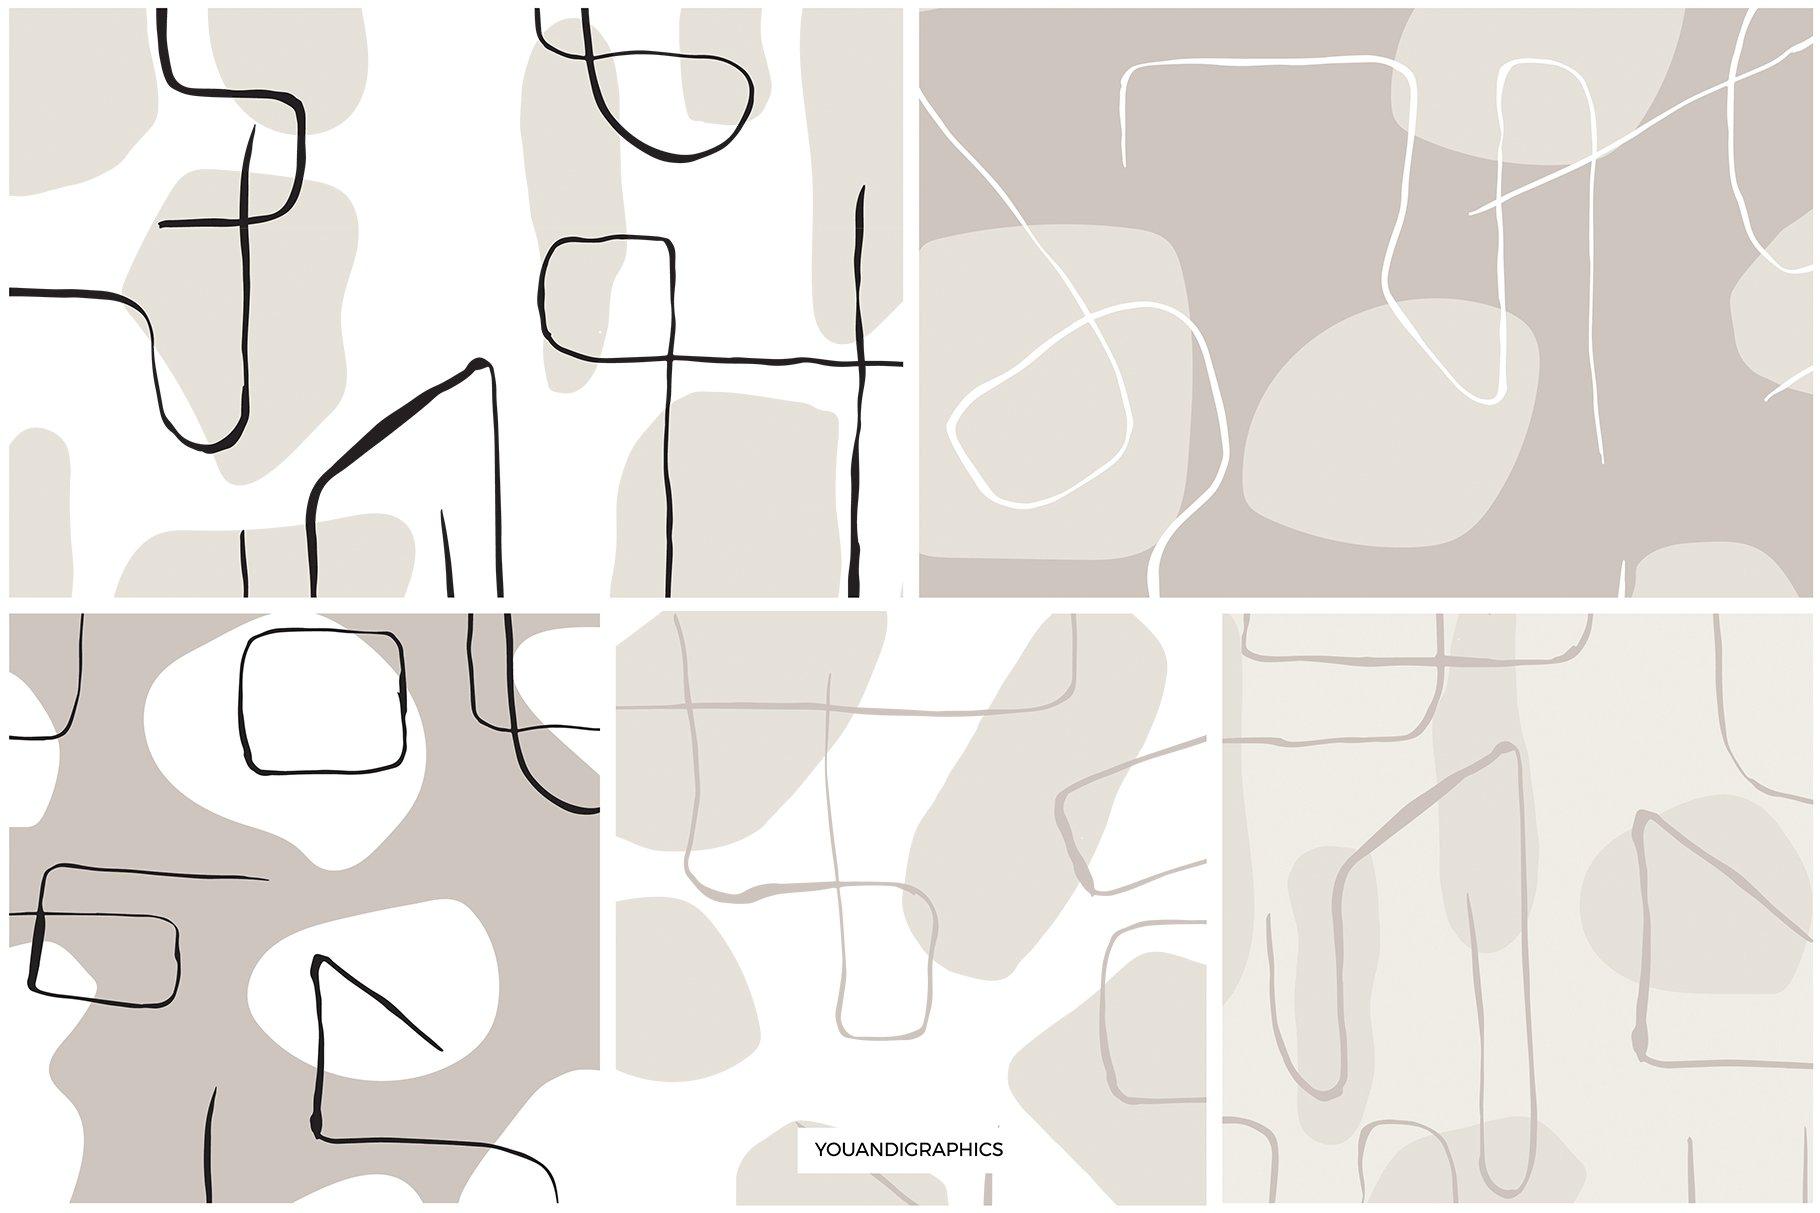 抽象艺术线条无缝隙矢量图案设计素材 Abstract Line Art Seamless Patterns插图10